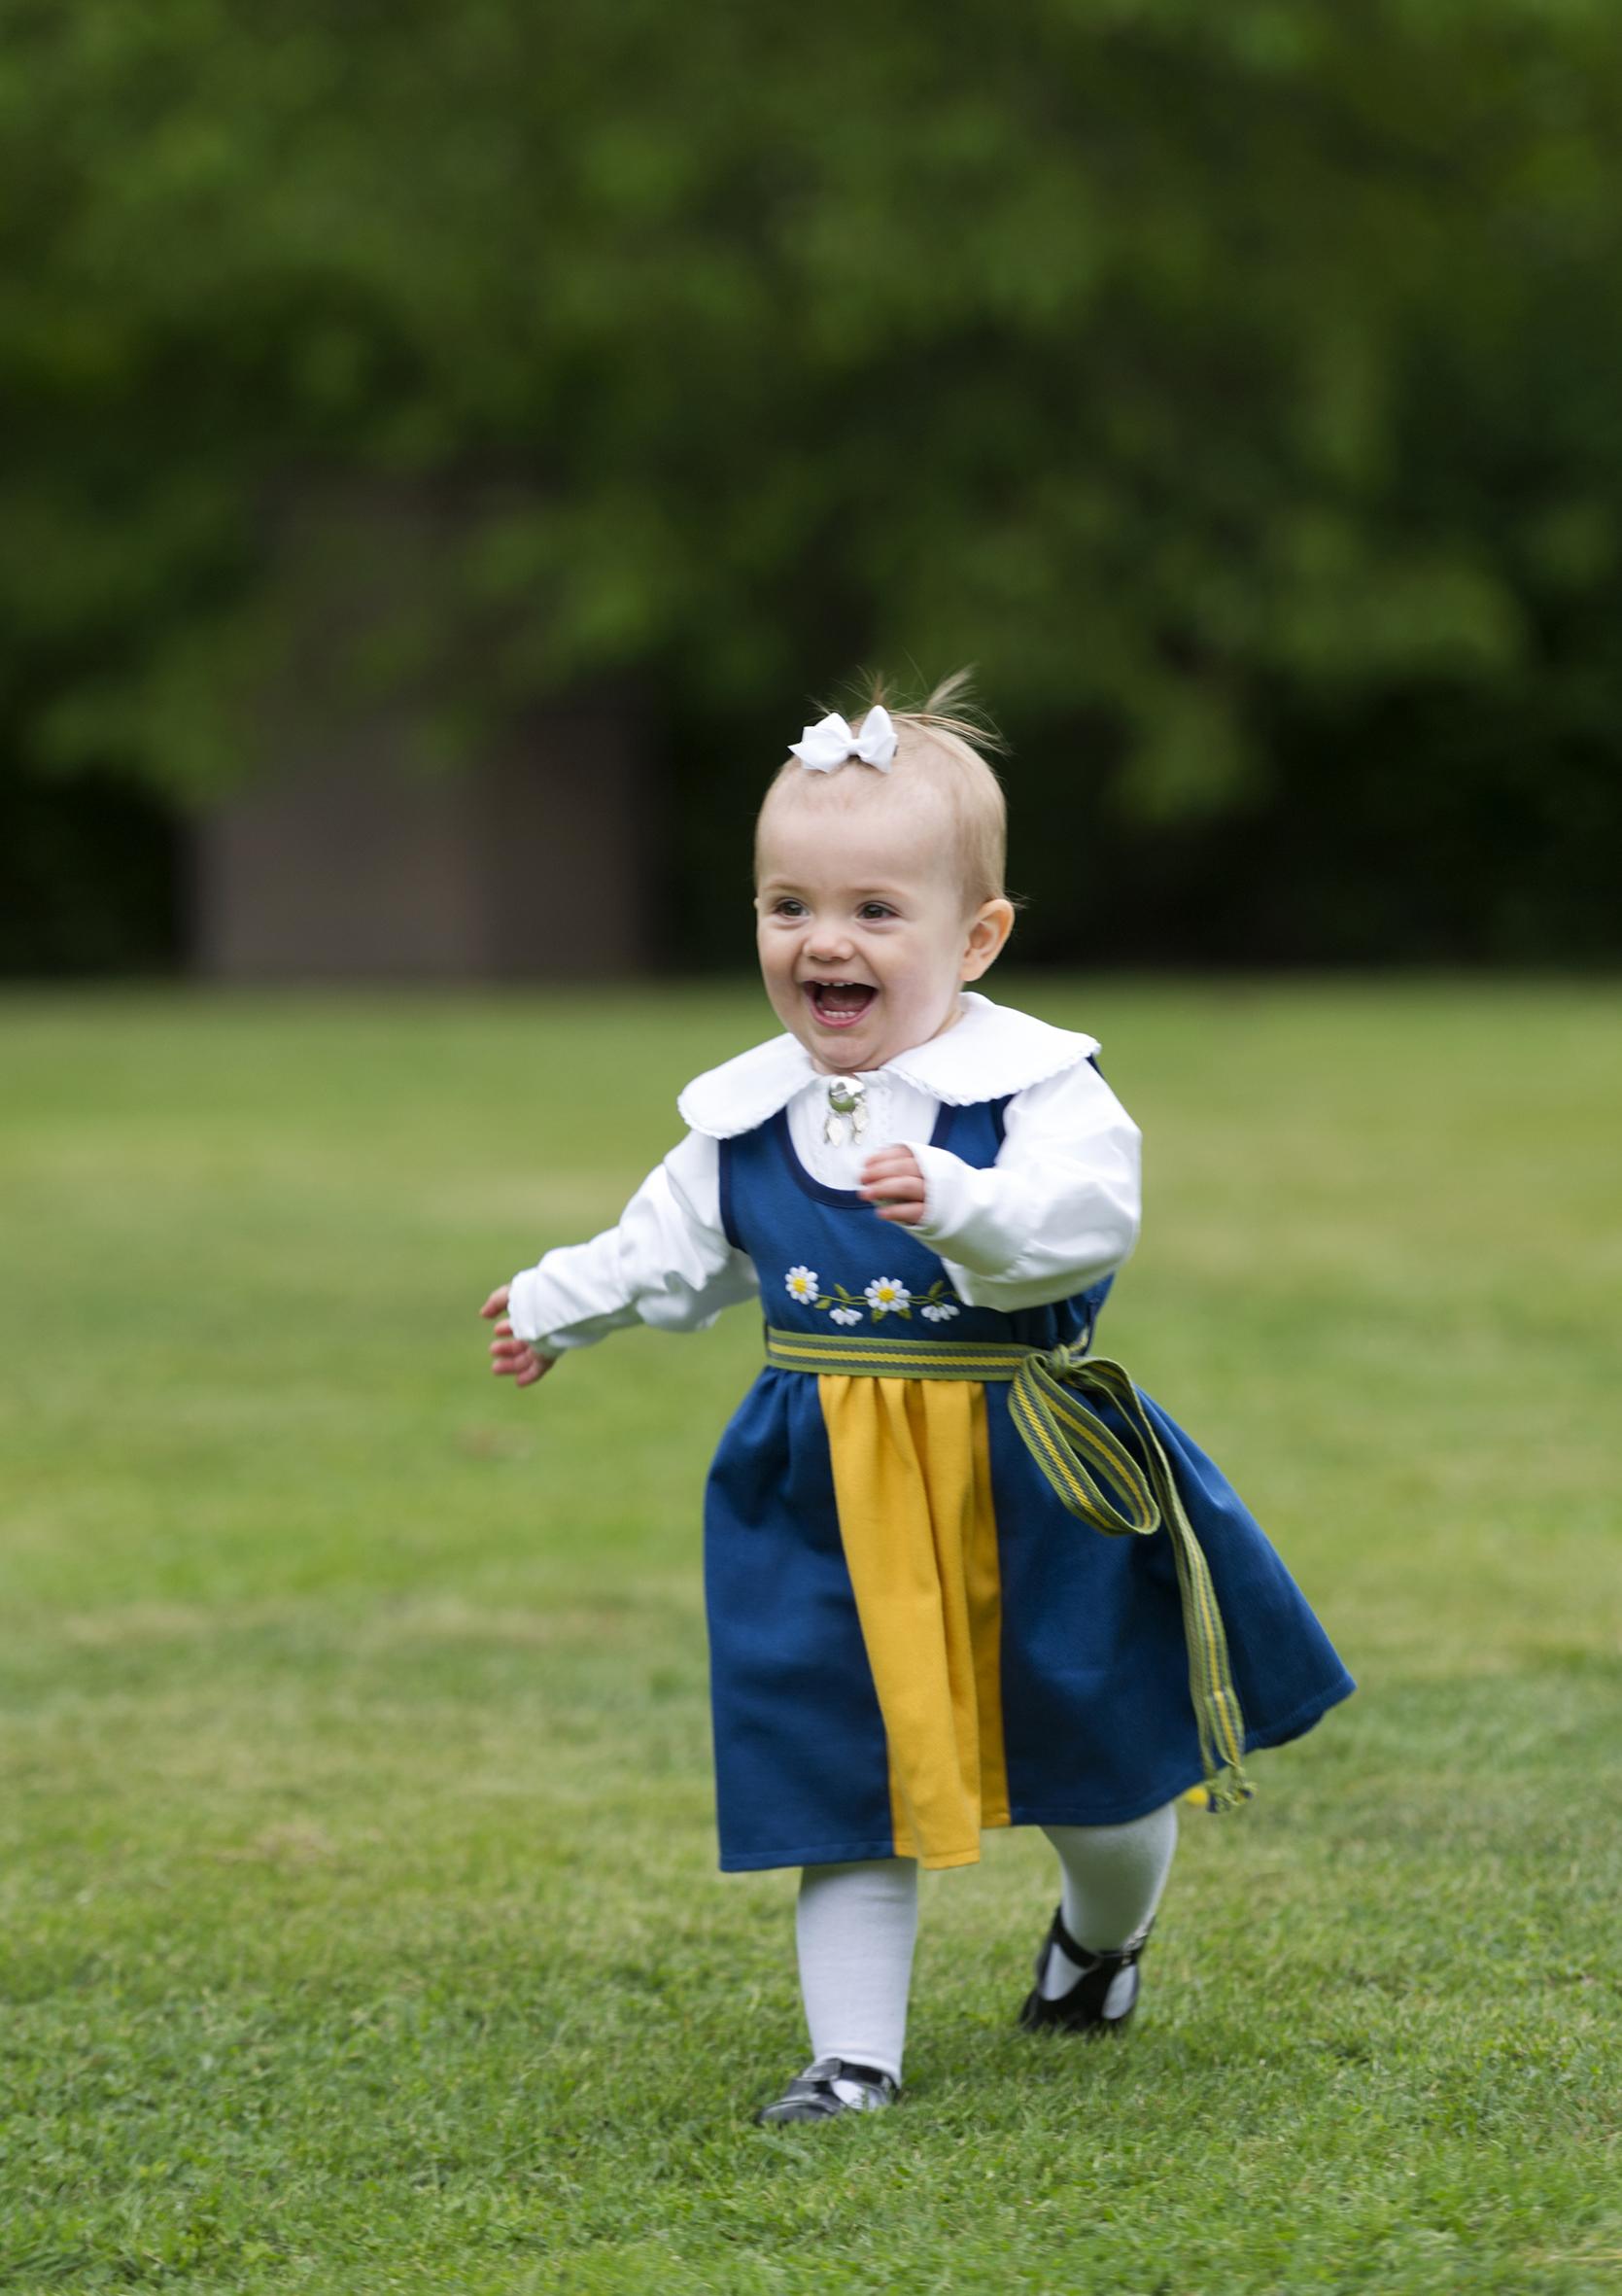 2013: Quietschfidel rennt die einjährige Prinzessin Estelle über die Wiese. Die Schleife hält eher notdürftig im kaum vorhandenem Haar.  ©Erika Gerdemark, Kungahuset.se